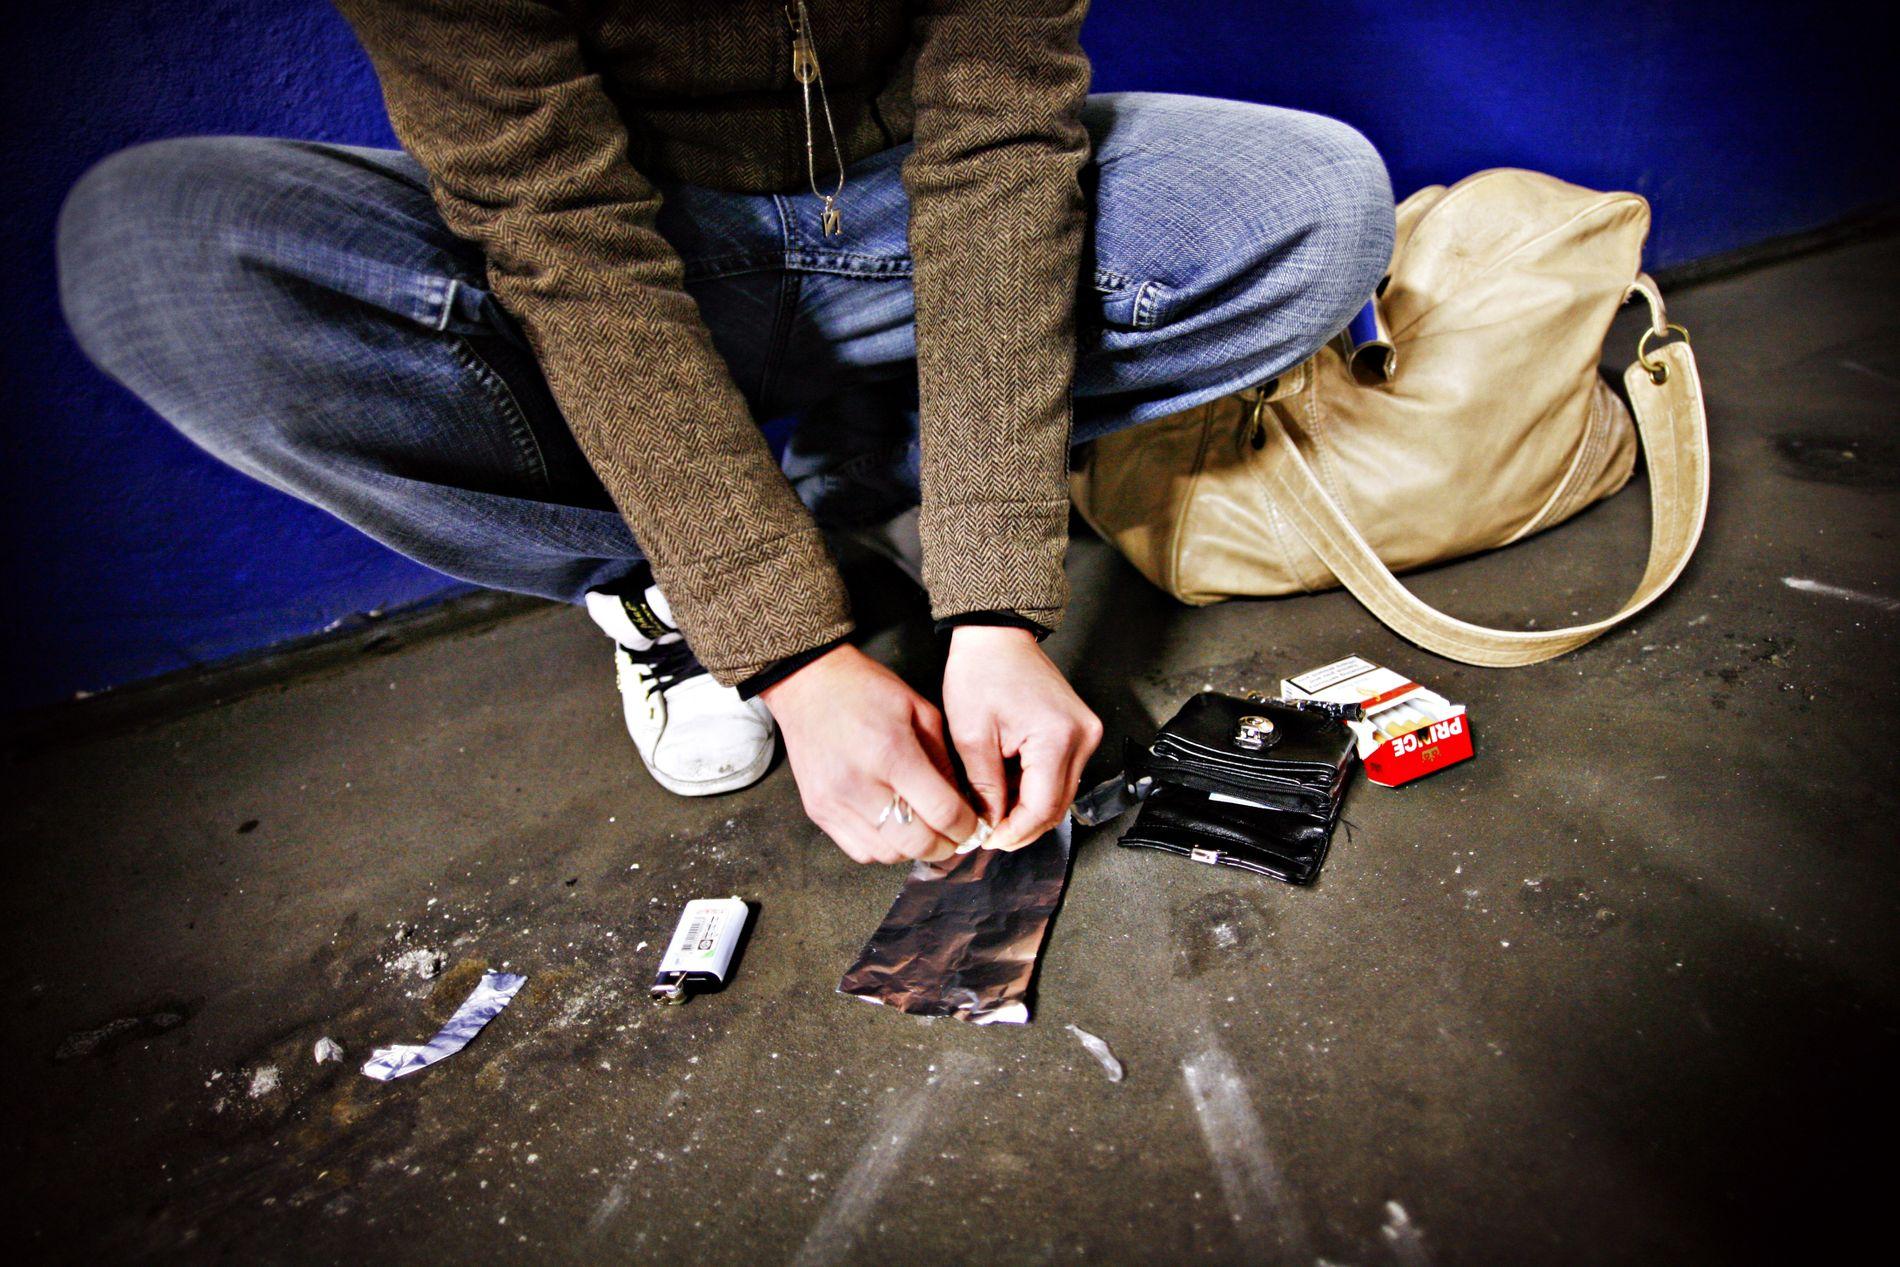 REFORM: Myndigheitene sin reaksjon mot folk som vert tatt for bruk og besittelse av narkotika, skal endrast frå straff til hjelp, skriv regjeringa i si nye plattform.